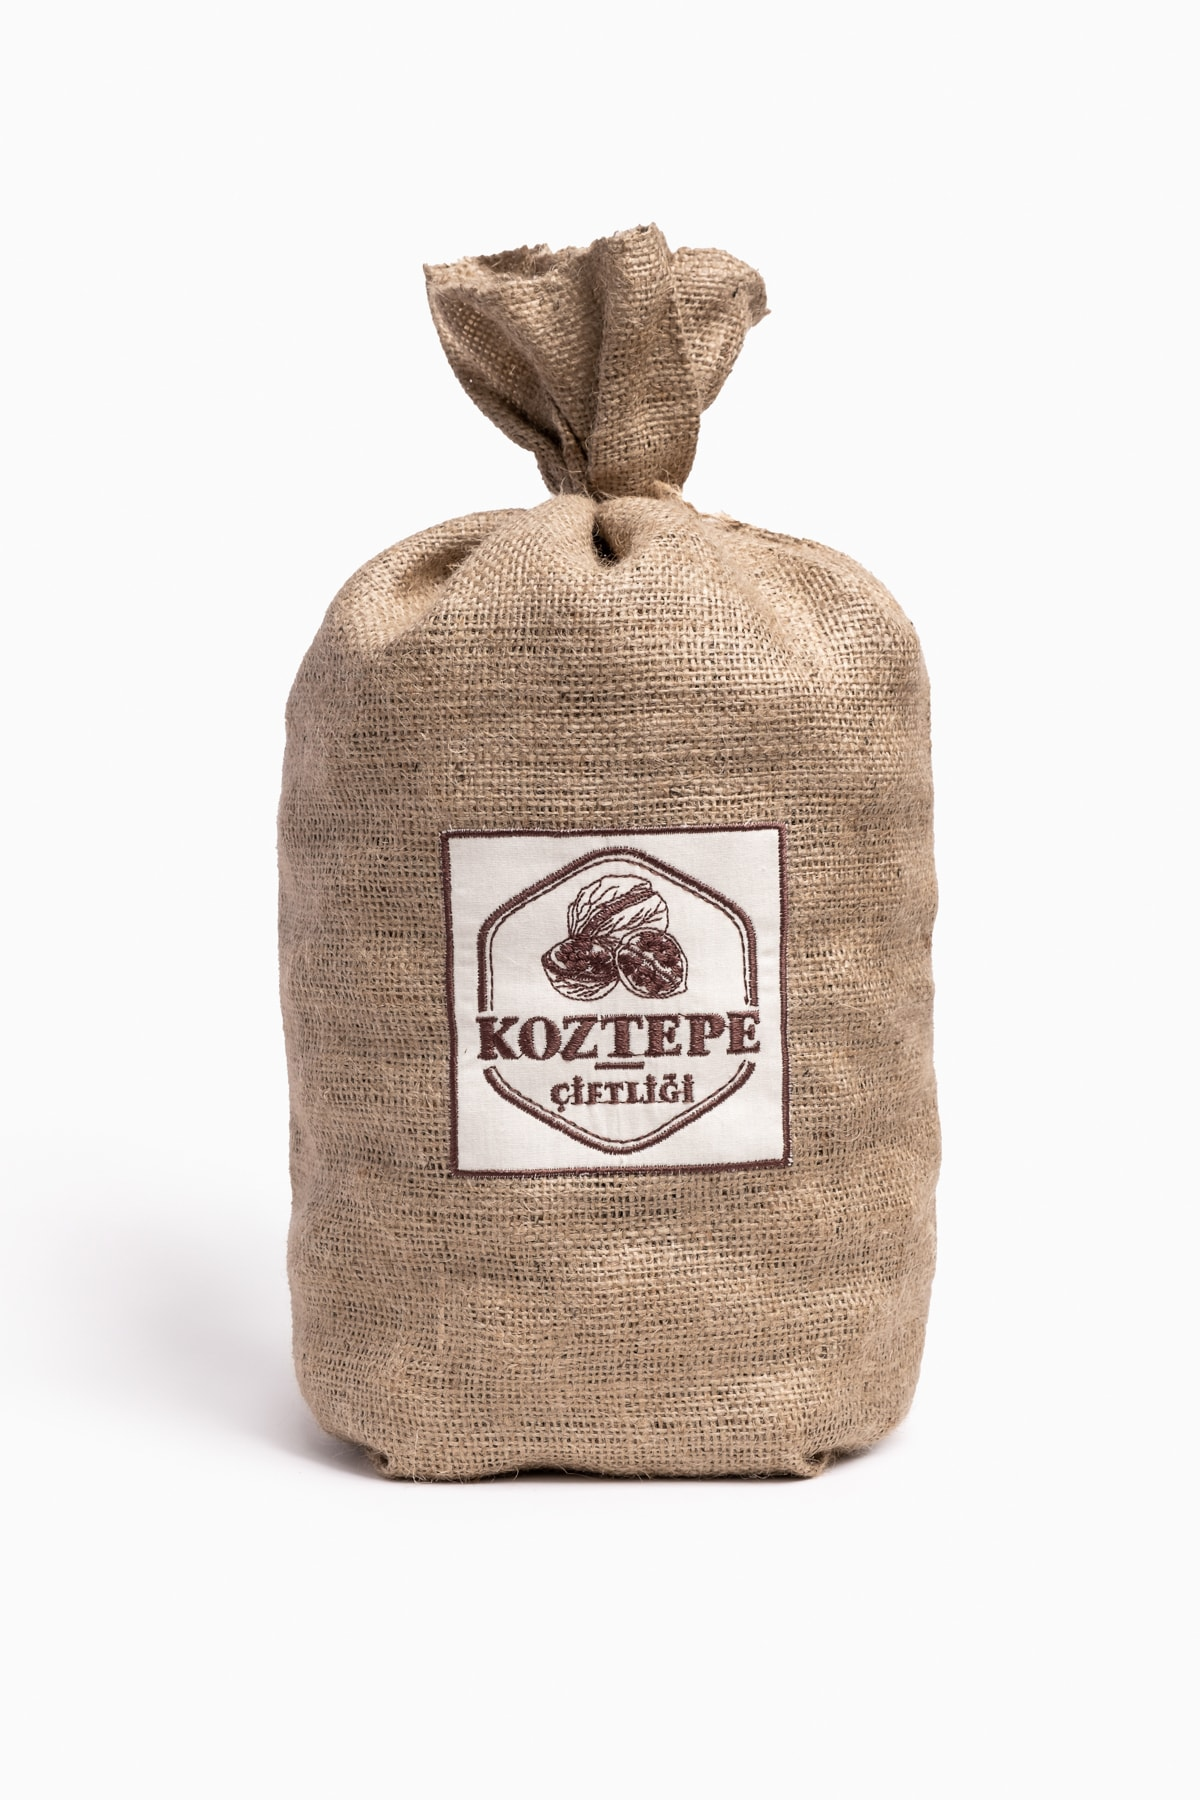 Koztepe Çiftliği Yerli Tohum Kabuklu Ceviz 2,5 Kg 2